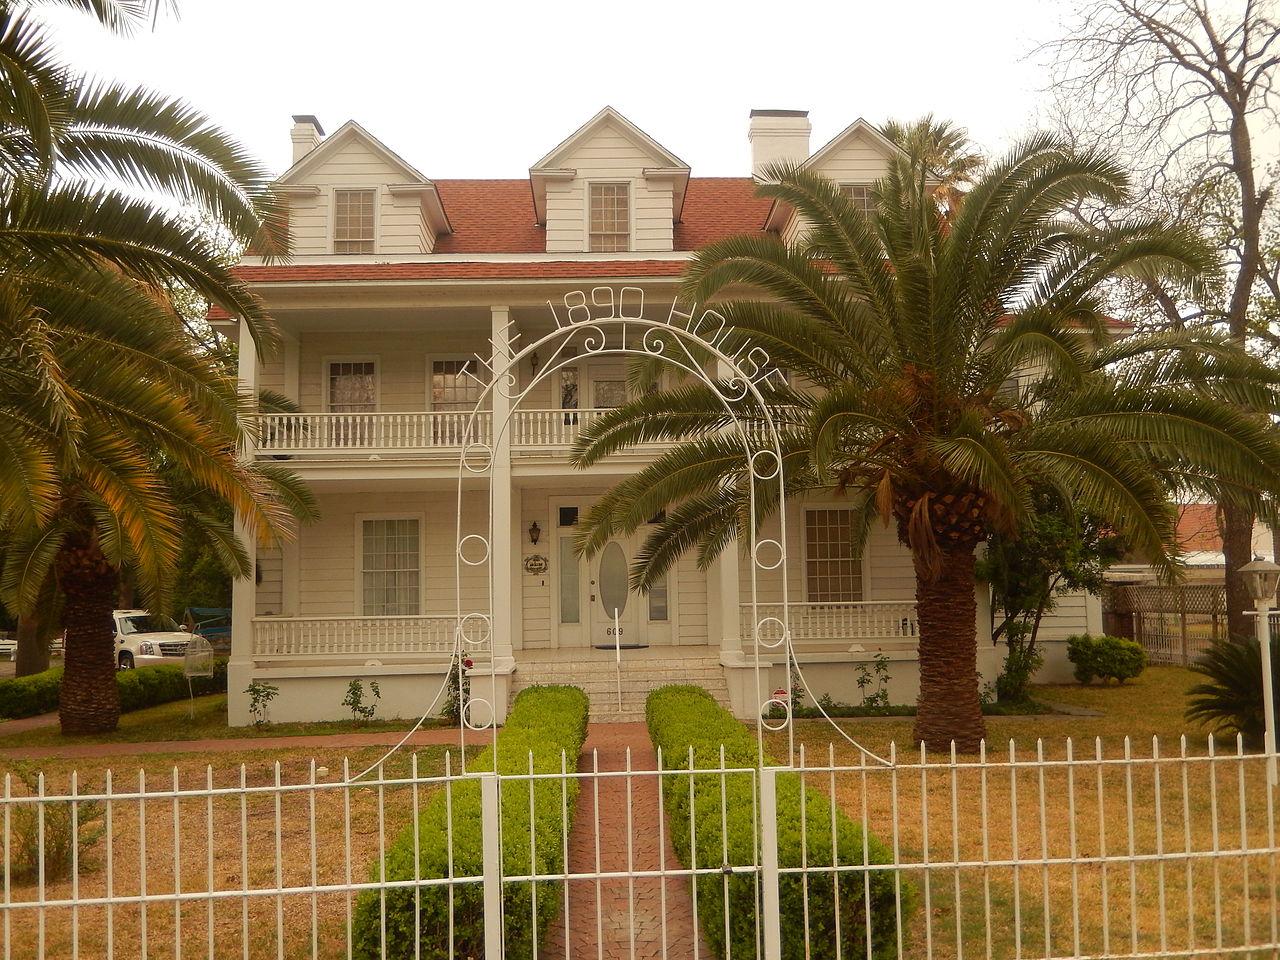 File The 1890 House In Del Rio Tx Dscn0894 Jpg